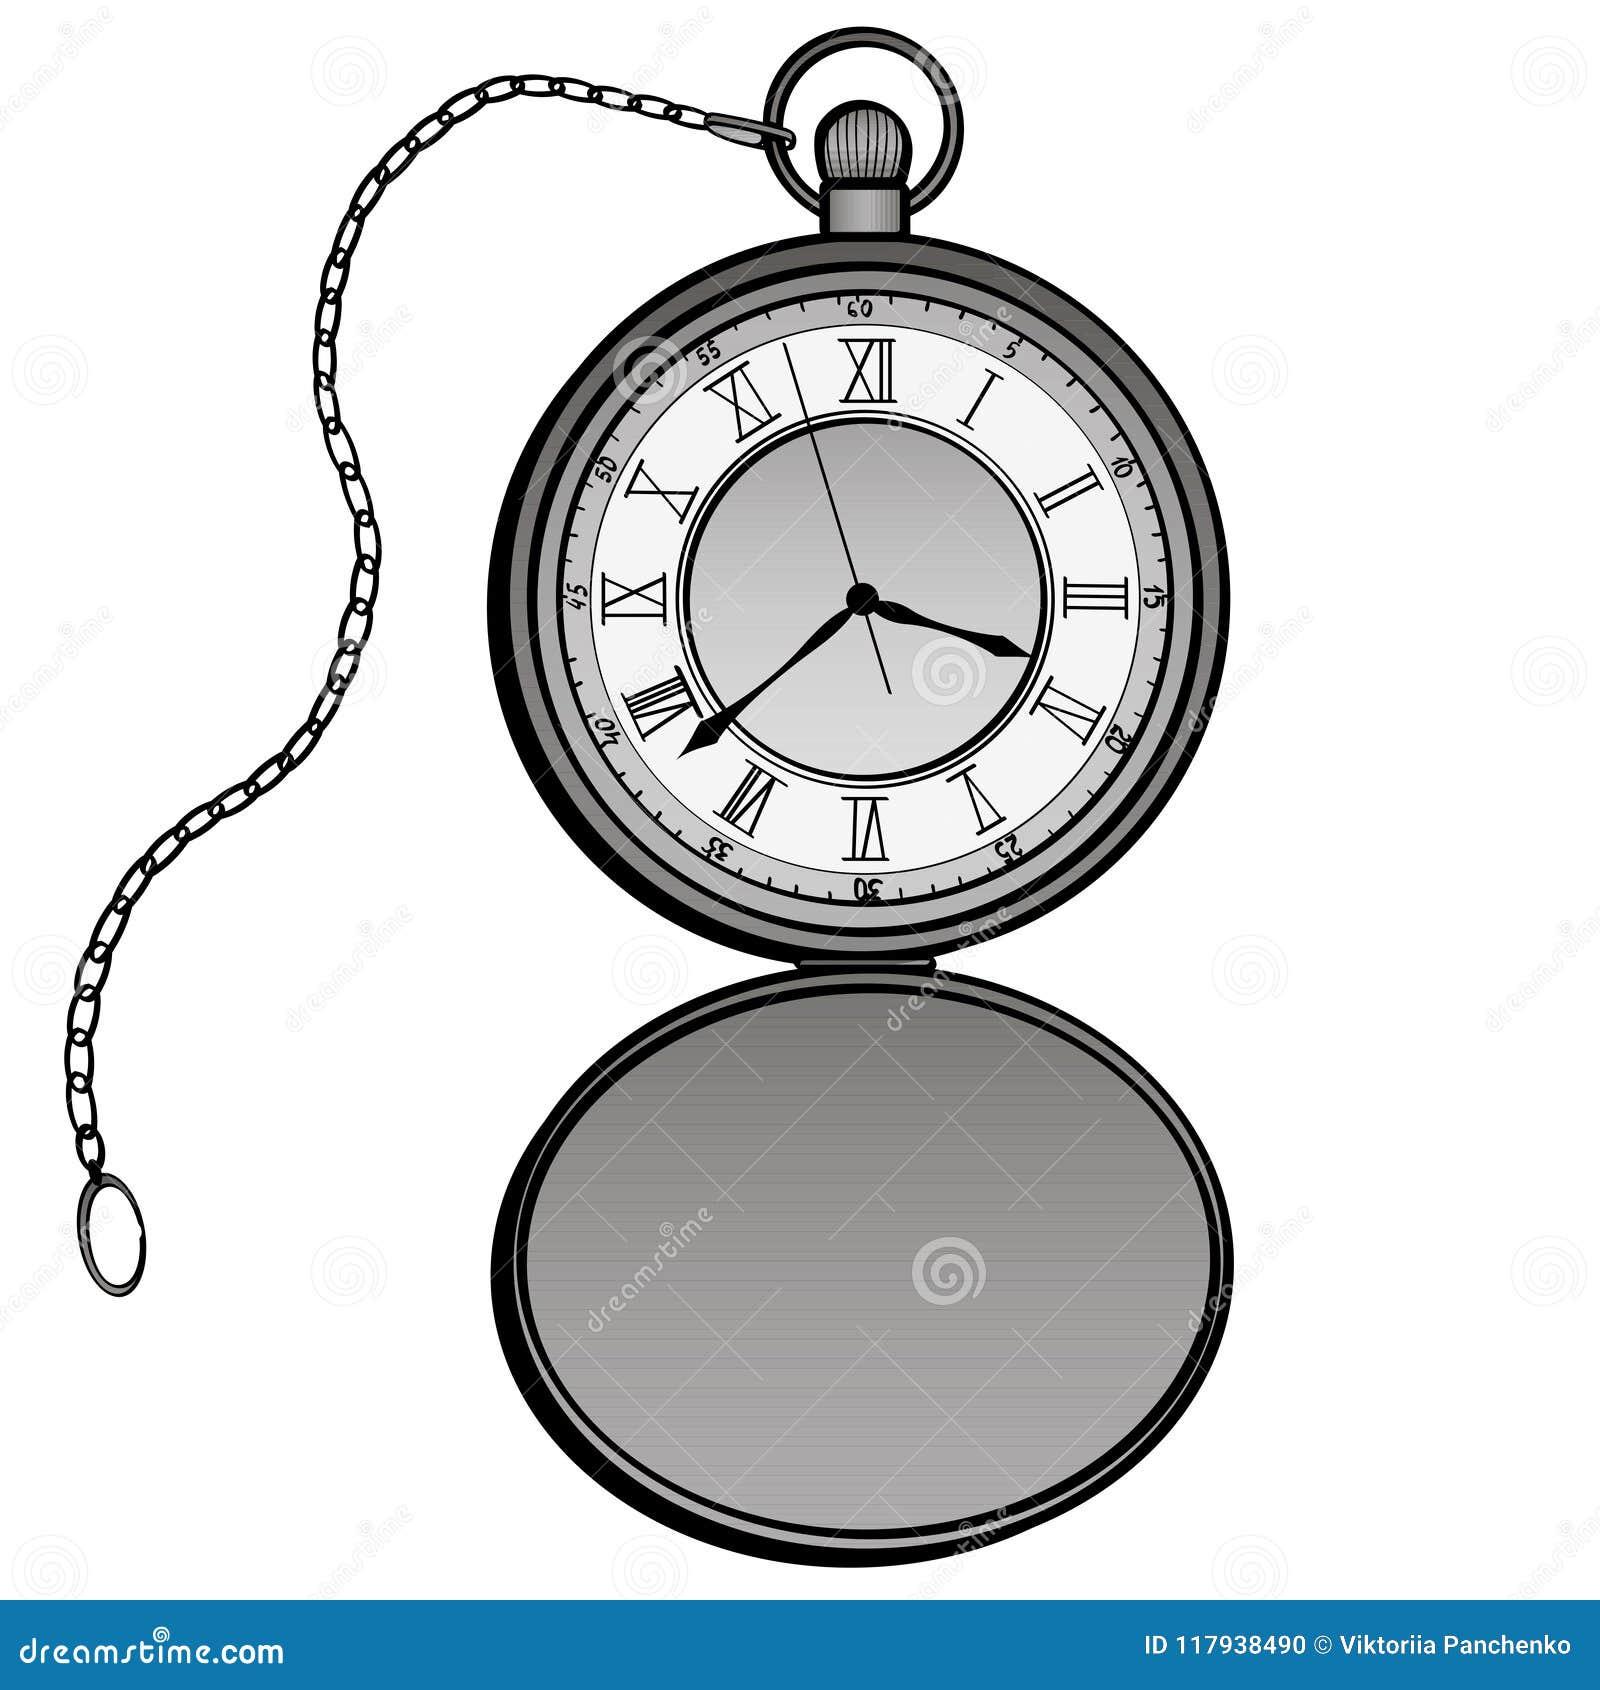 15d2dd462074 Ejemplo del vector del diseño de los relojes de bolsillo Reloj separado  Elementos dibujados mano del diseño del garabato del contador de tiempo  Objeto ...